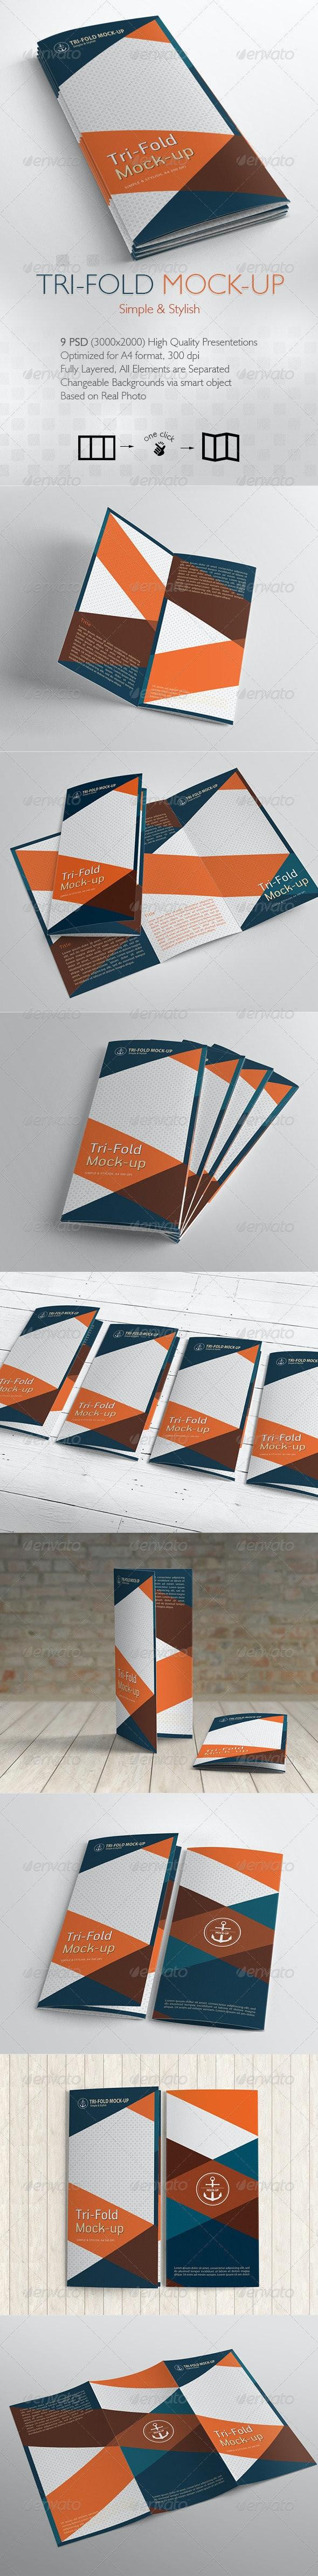 Tri-Fold Brochure Mock-up / 9 Different Images - Brochures Print